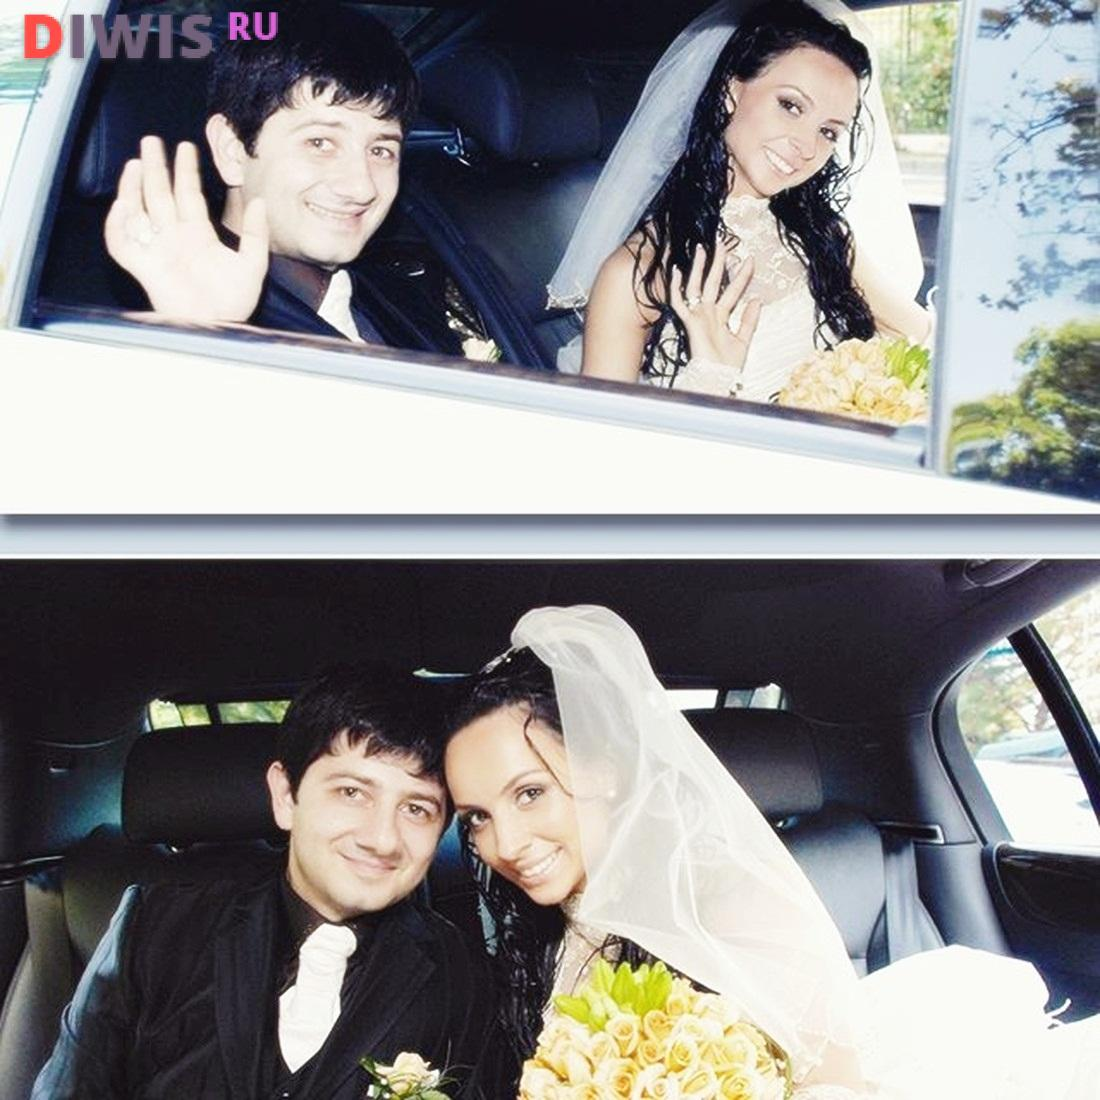 Галустян разводится с женой причины развода правда или нет